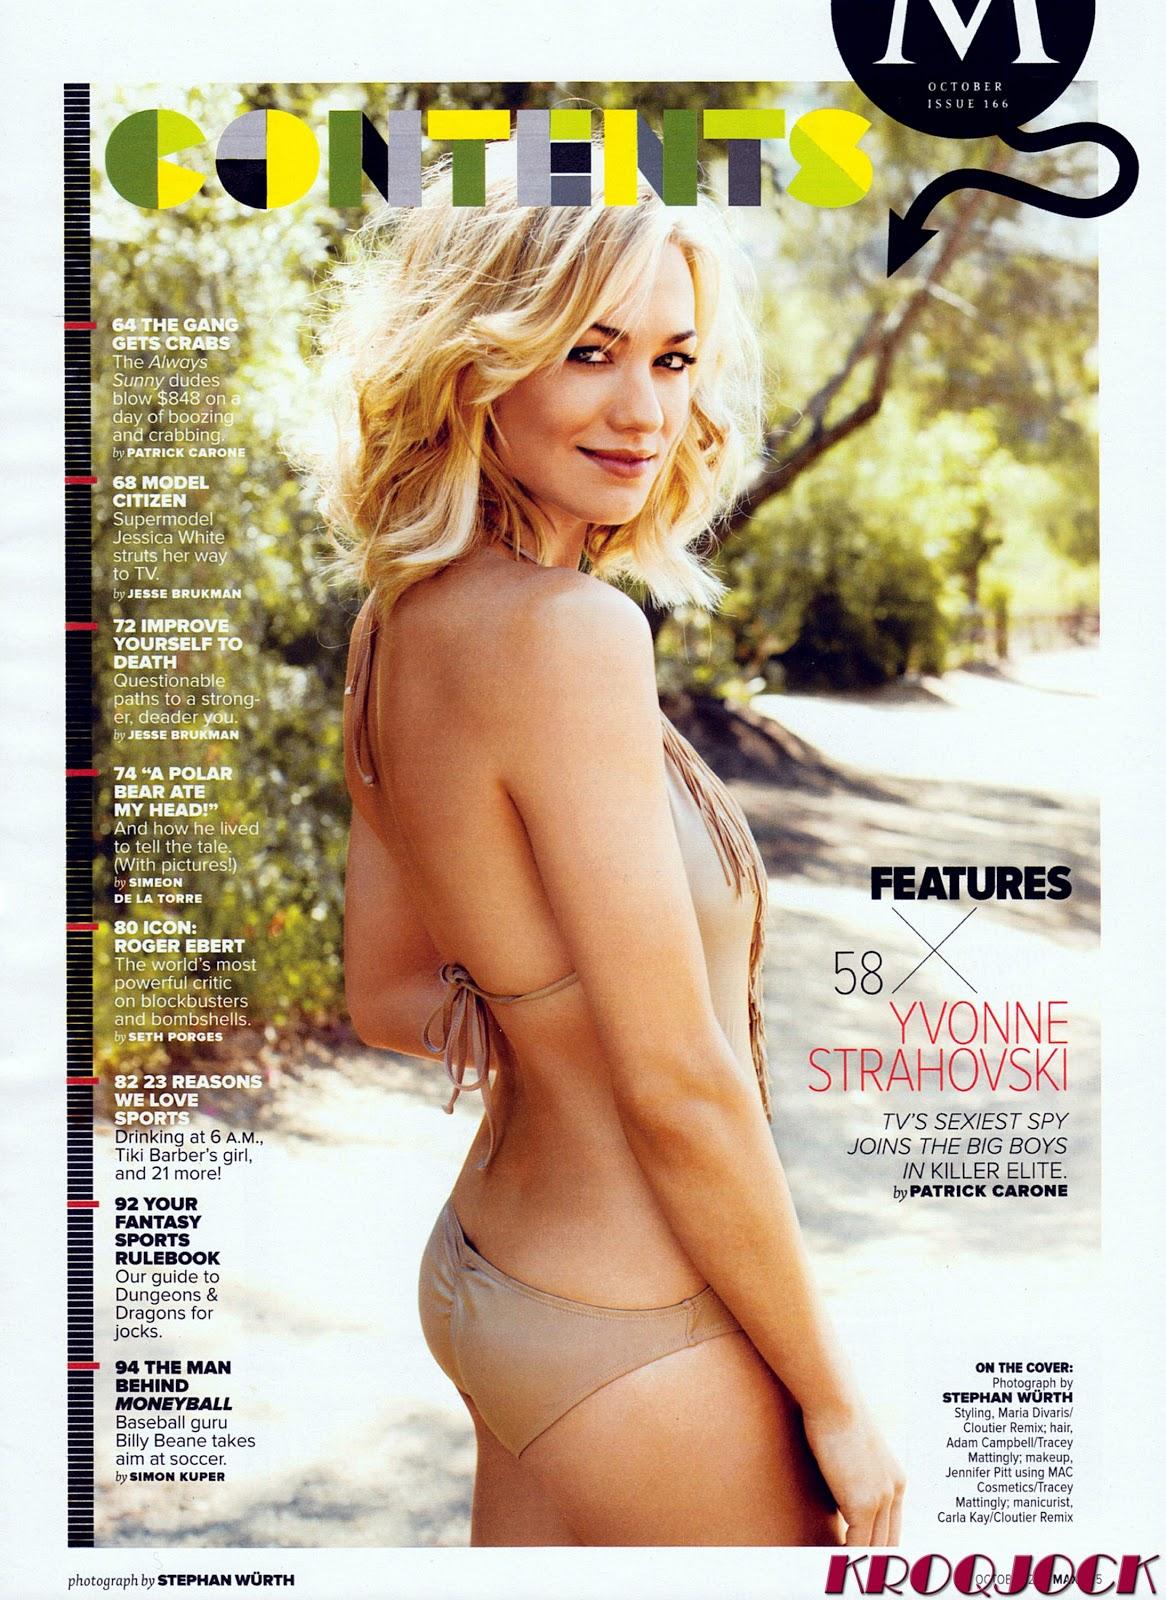 kaitlyn farrington nude photo